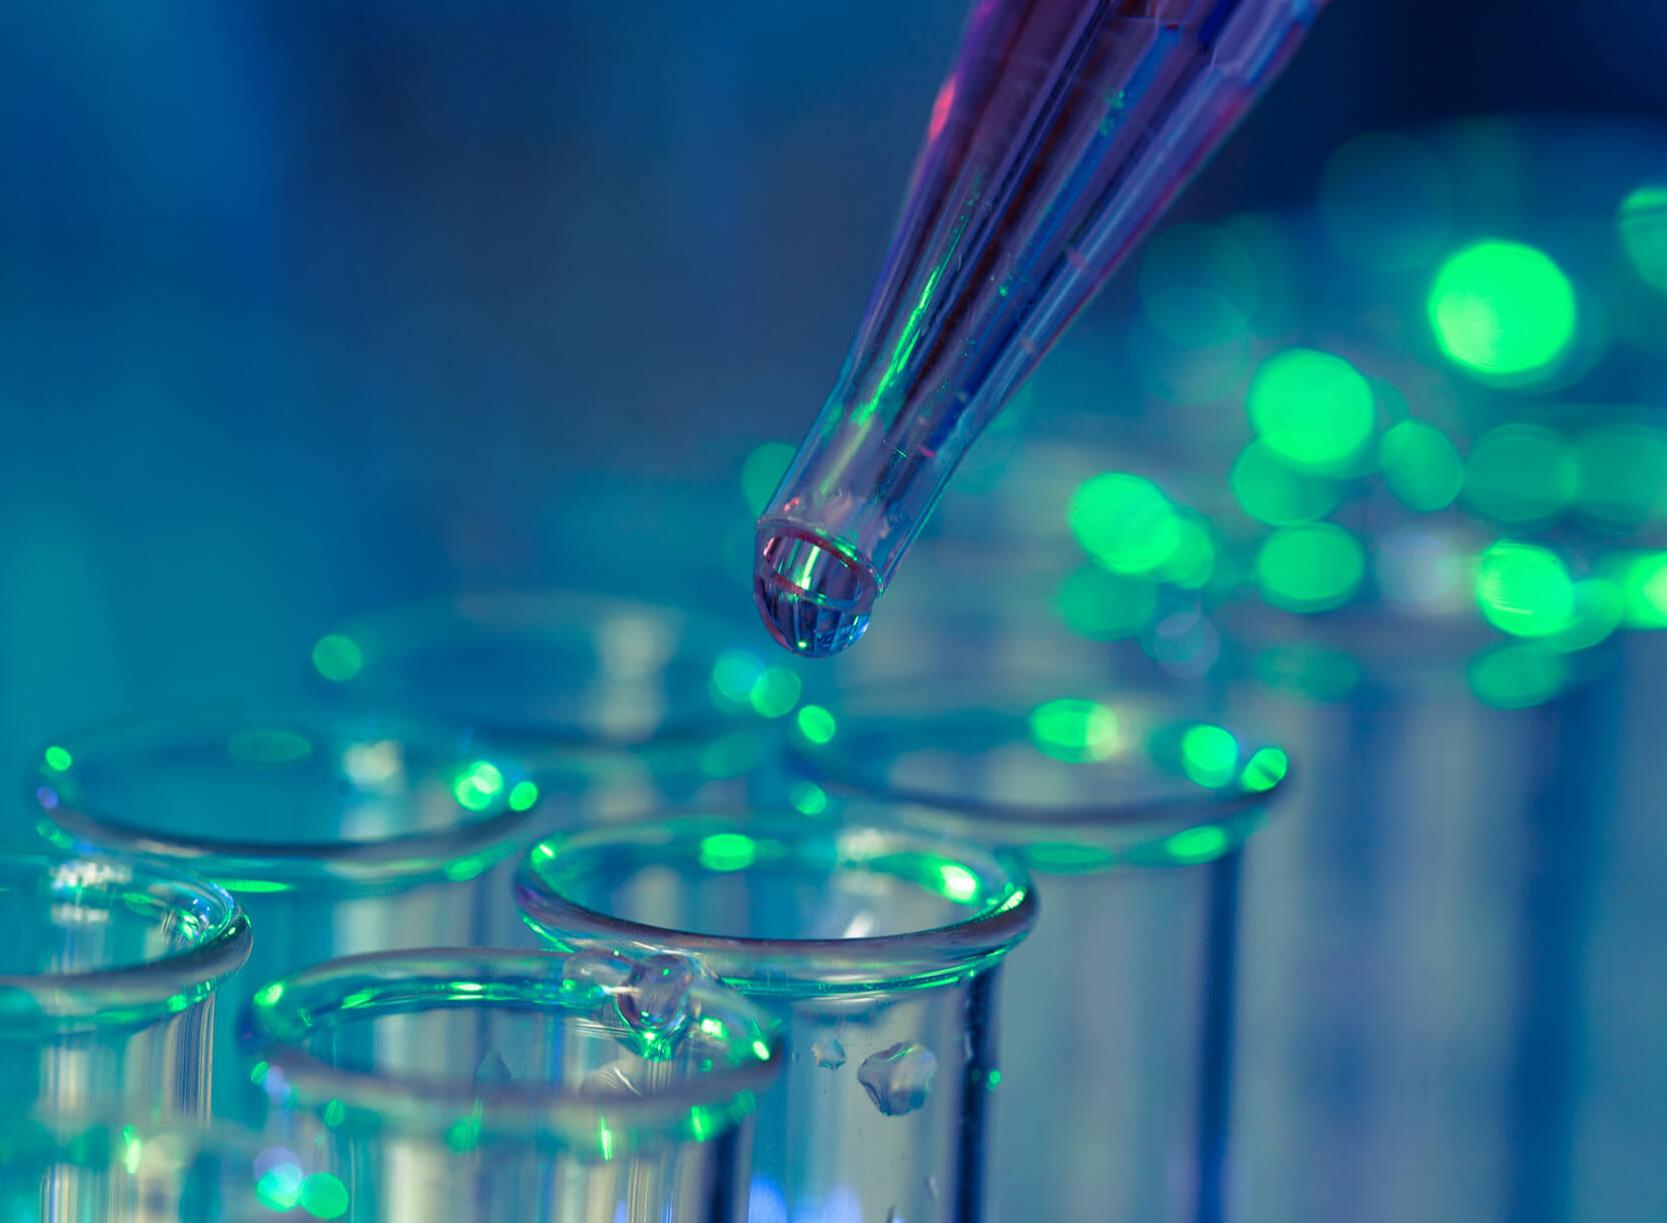 Immunologie, Antikörper und immunologische Tests: Worum handelt es sich?